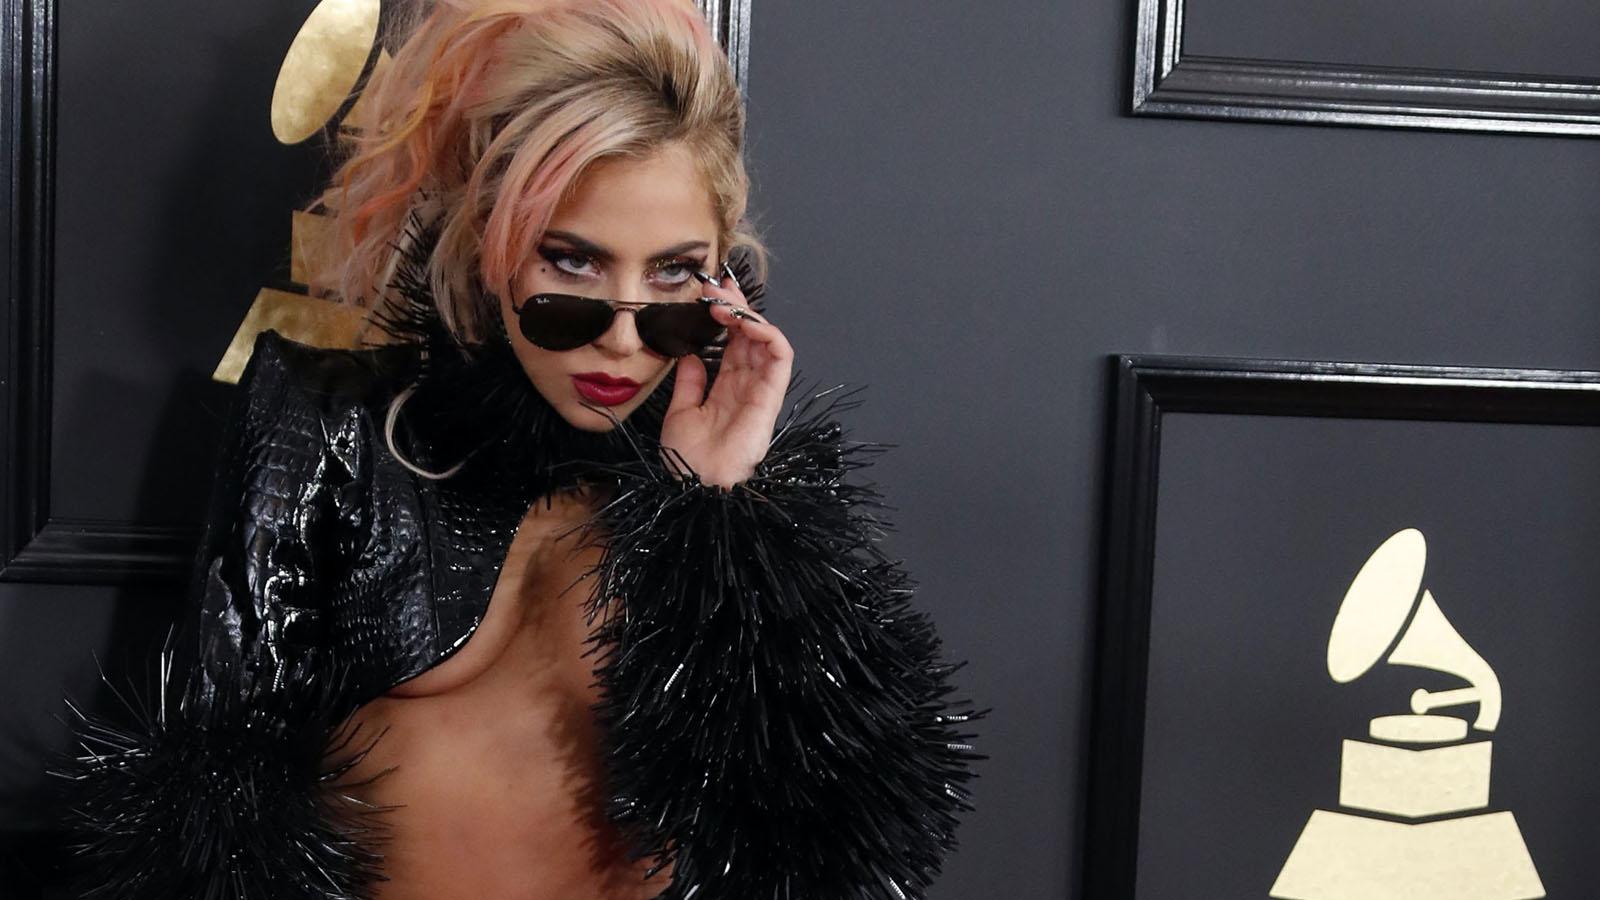 La cantante volvió a ser el centro de todas la miradas con su modelo rockero.